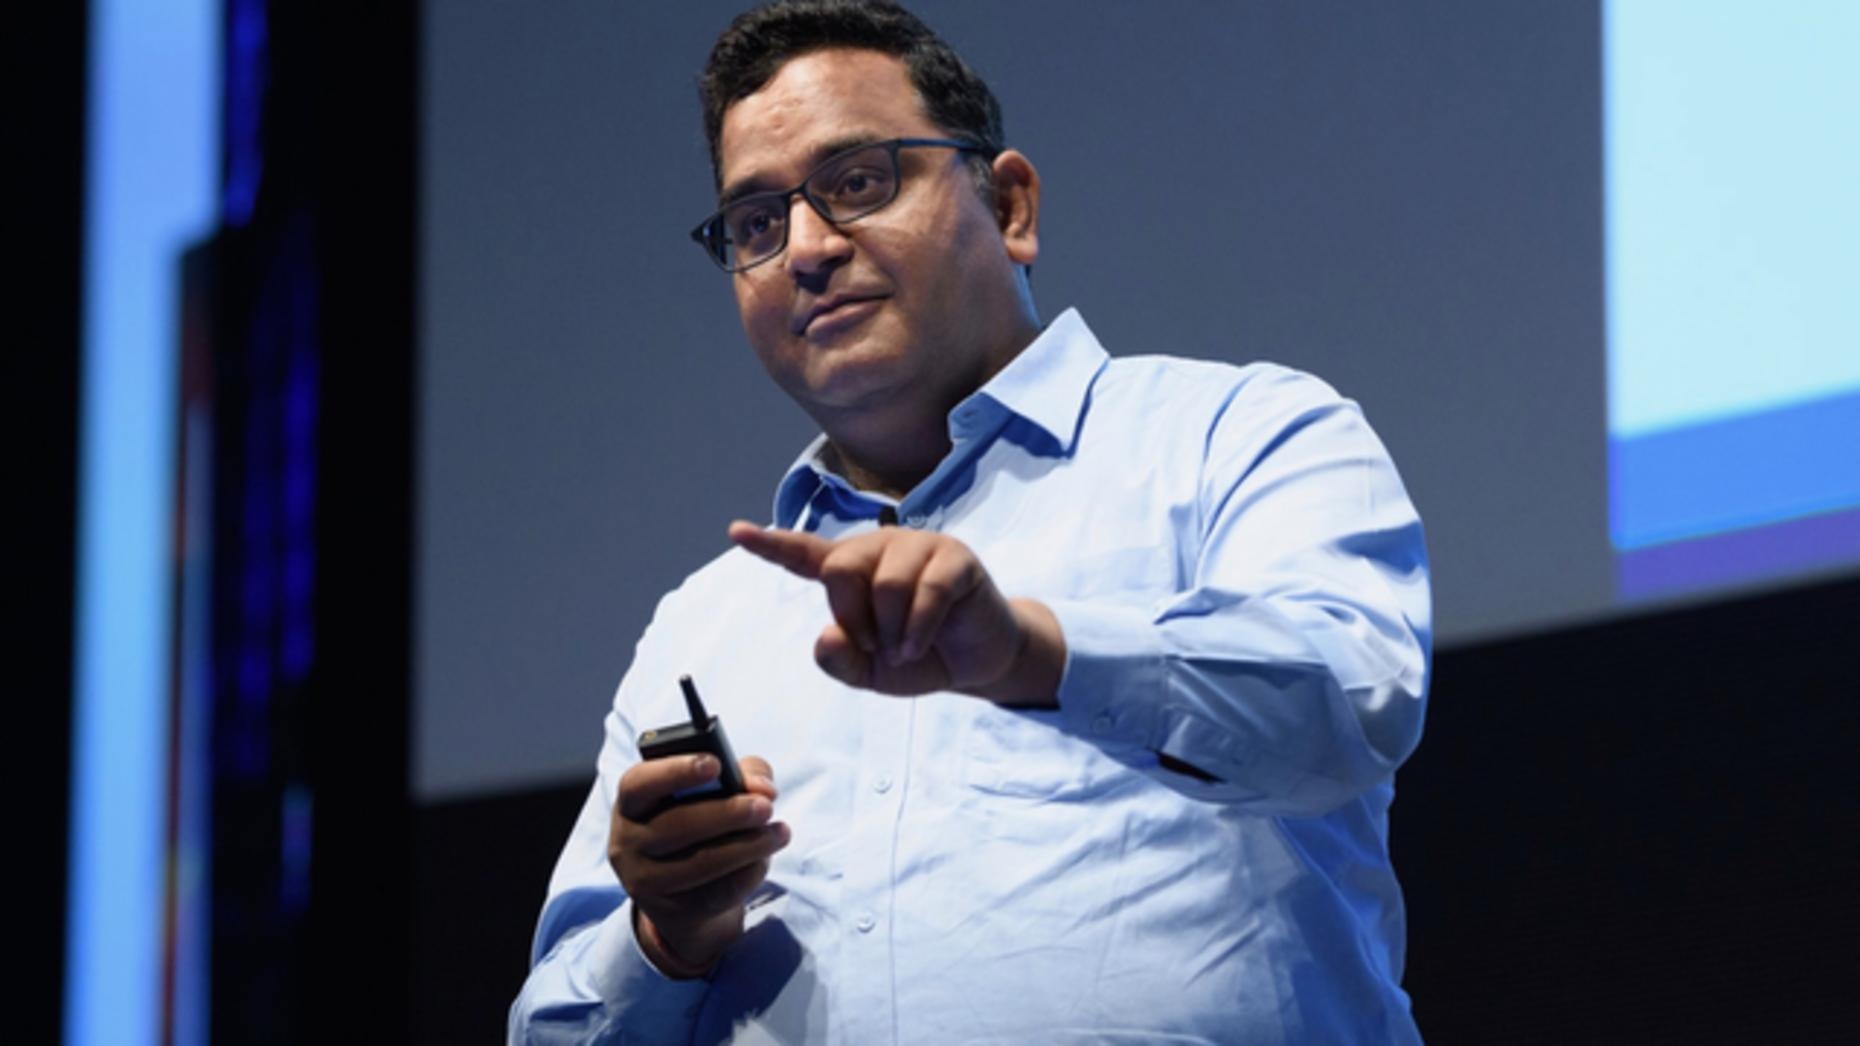 Paytm CEO Vijay Shekhar Sharma. Photo: Bloomberg